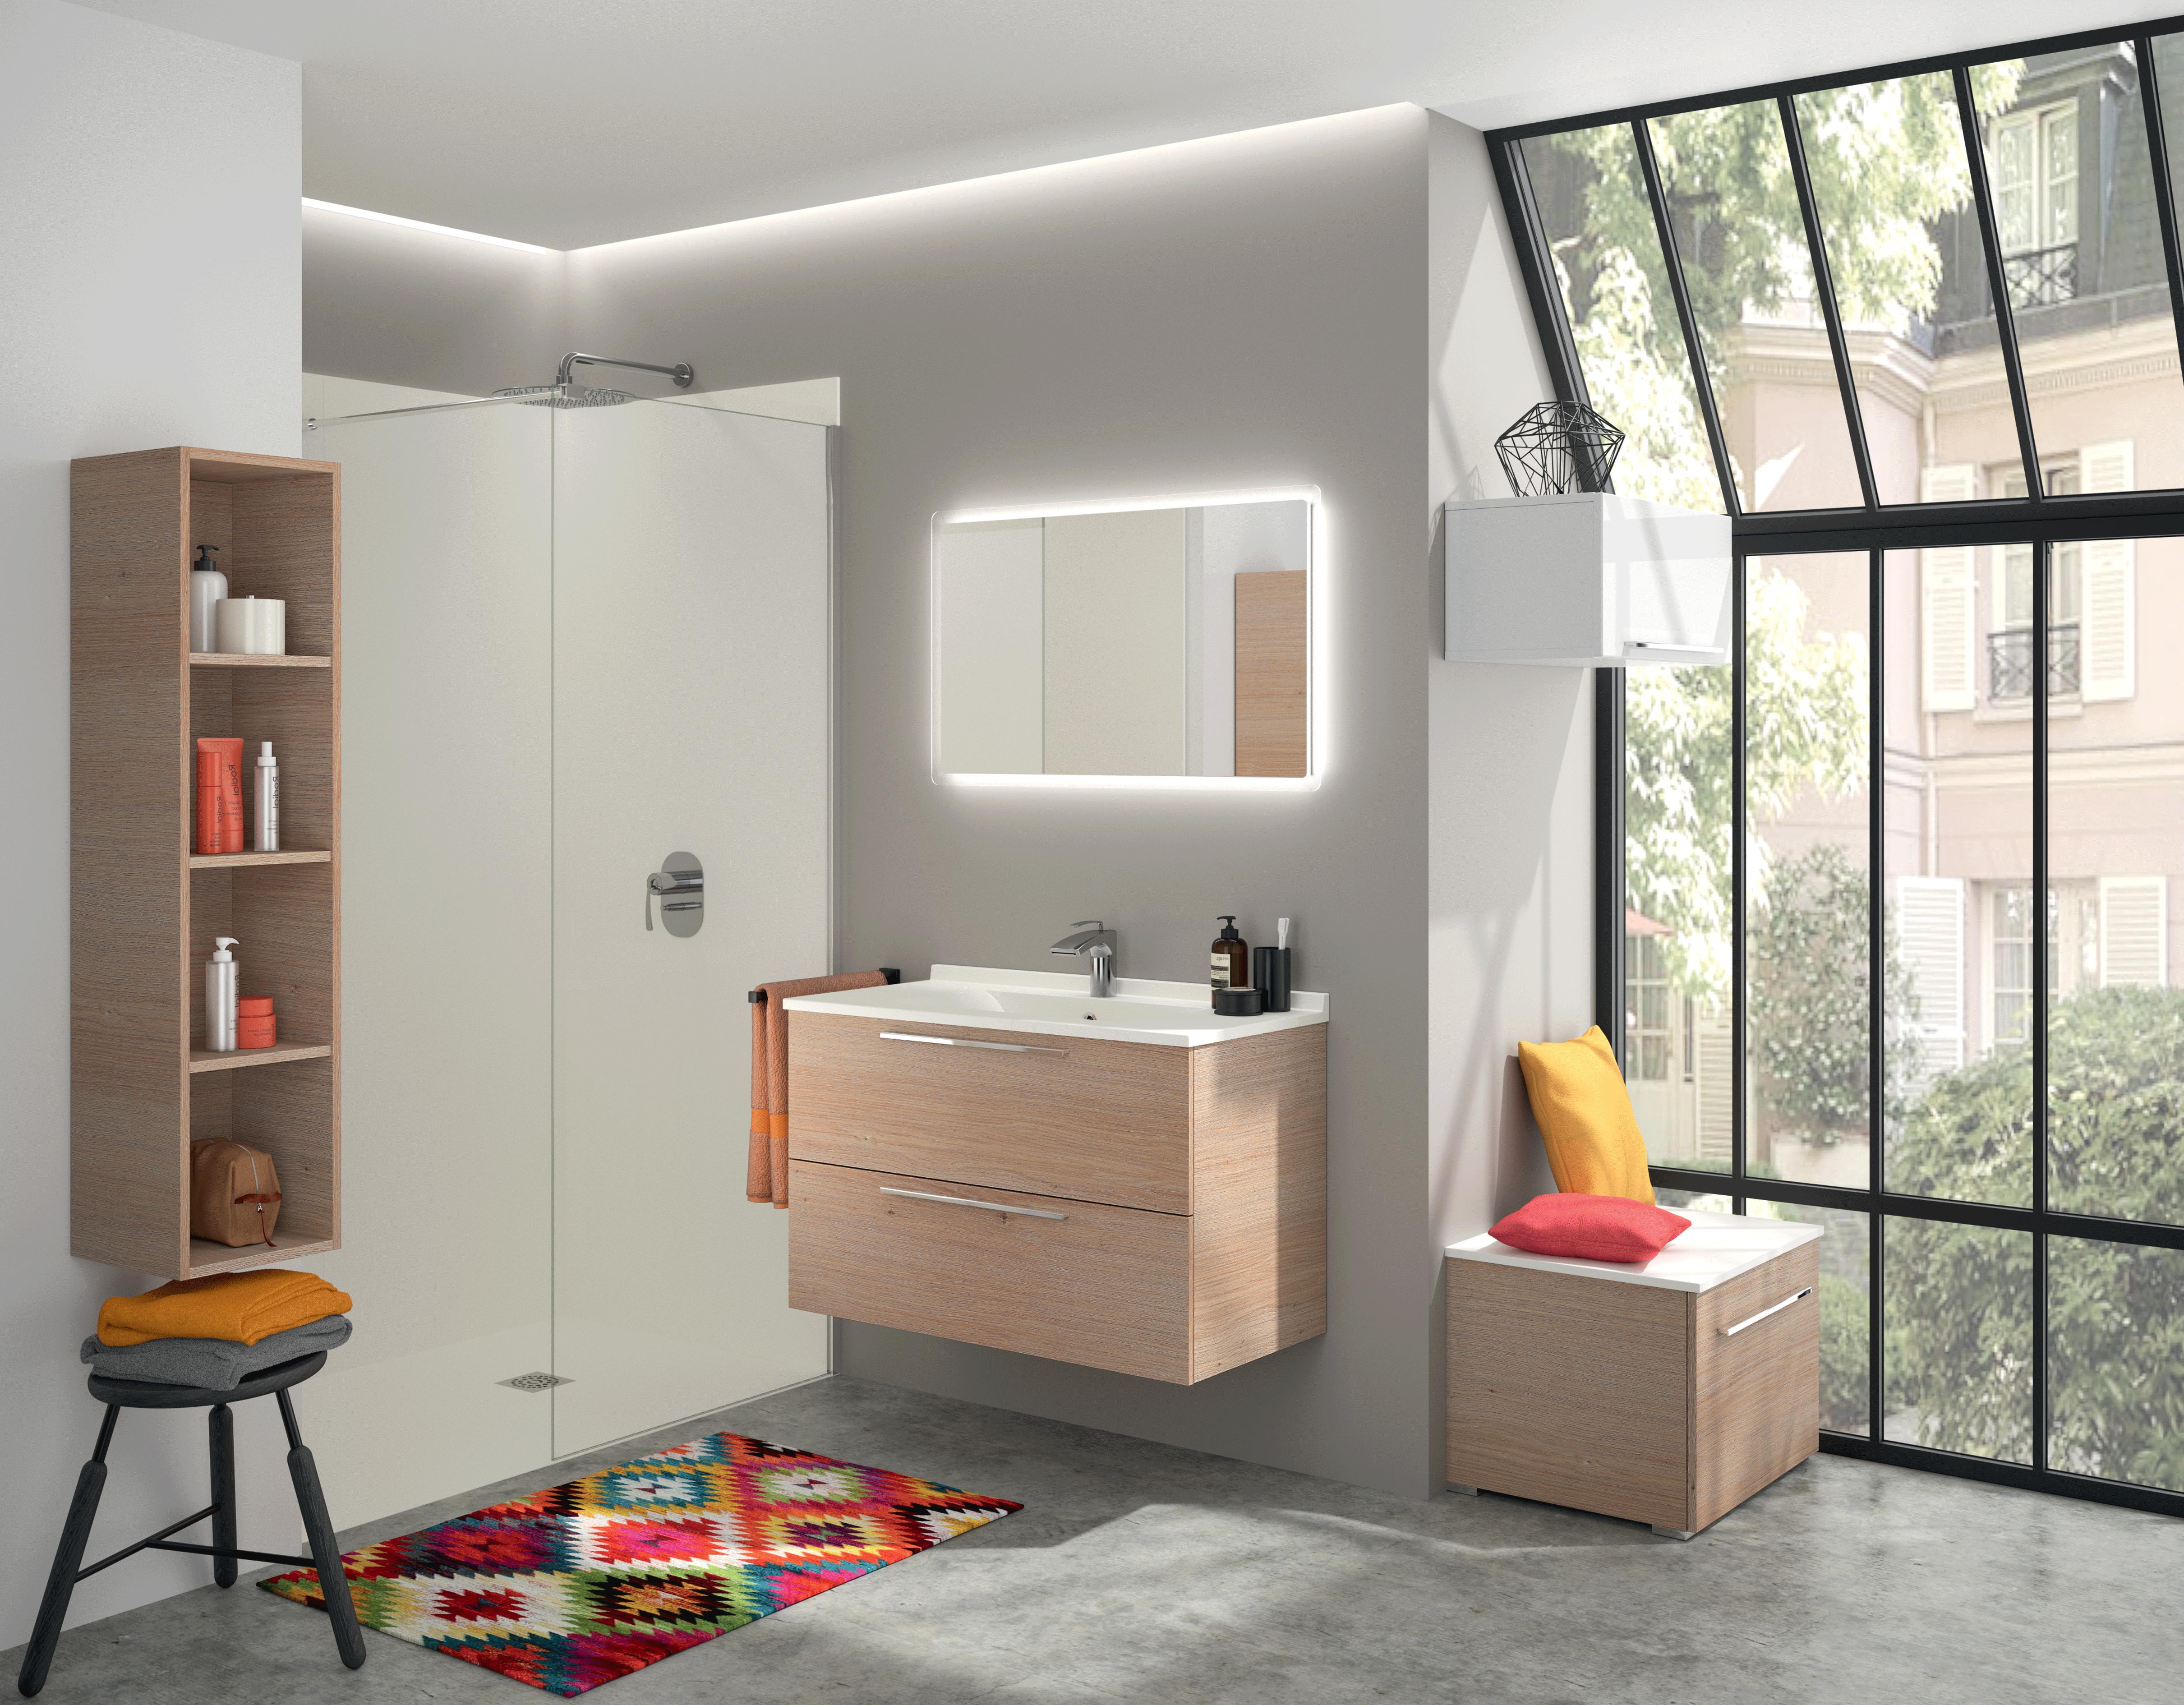 Fabricant Fran�ais de meubles de salle de bain - Ambiance Bain